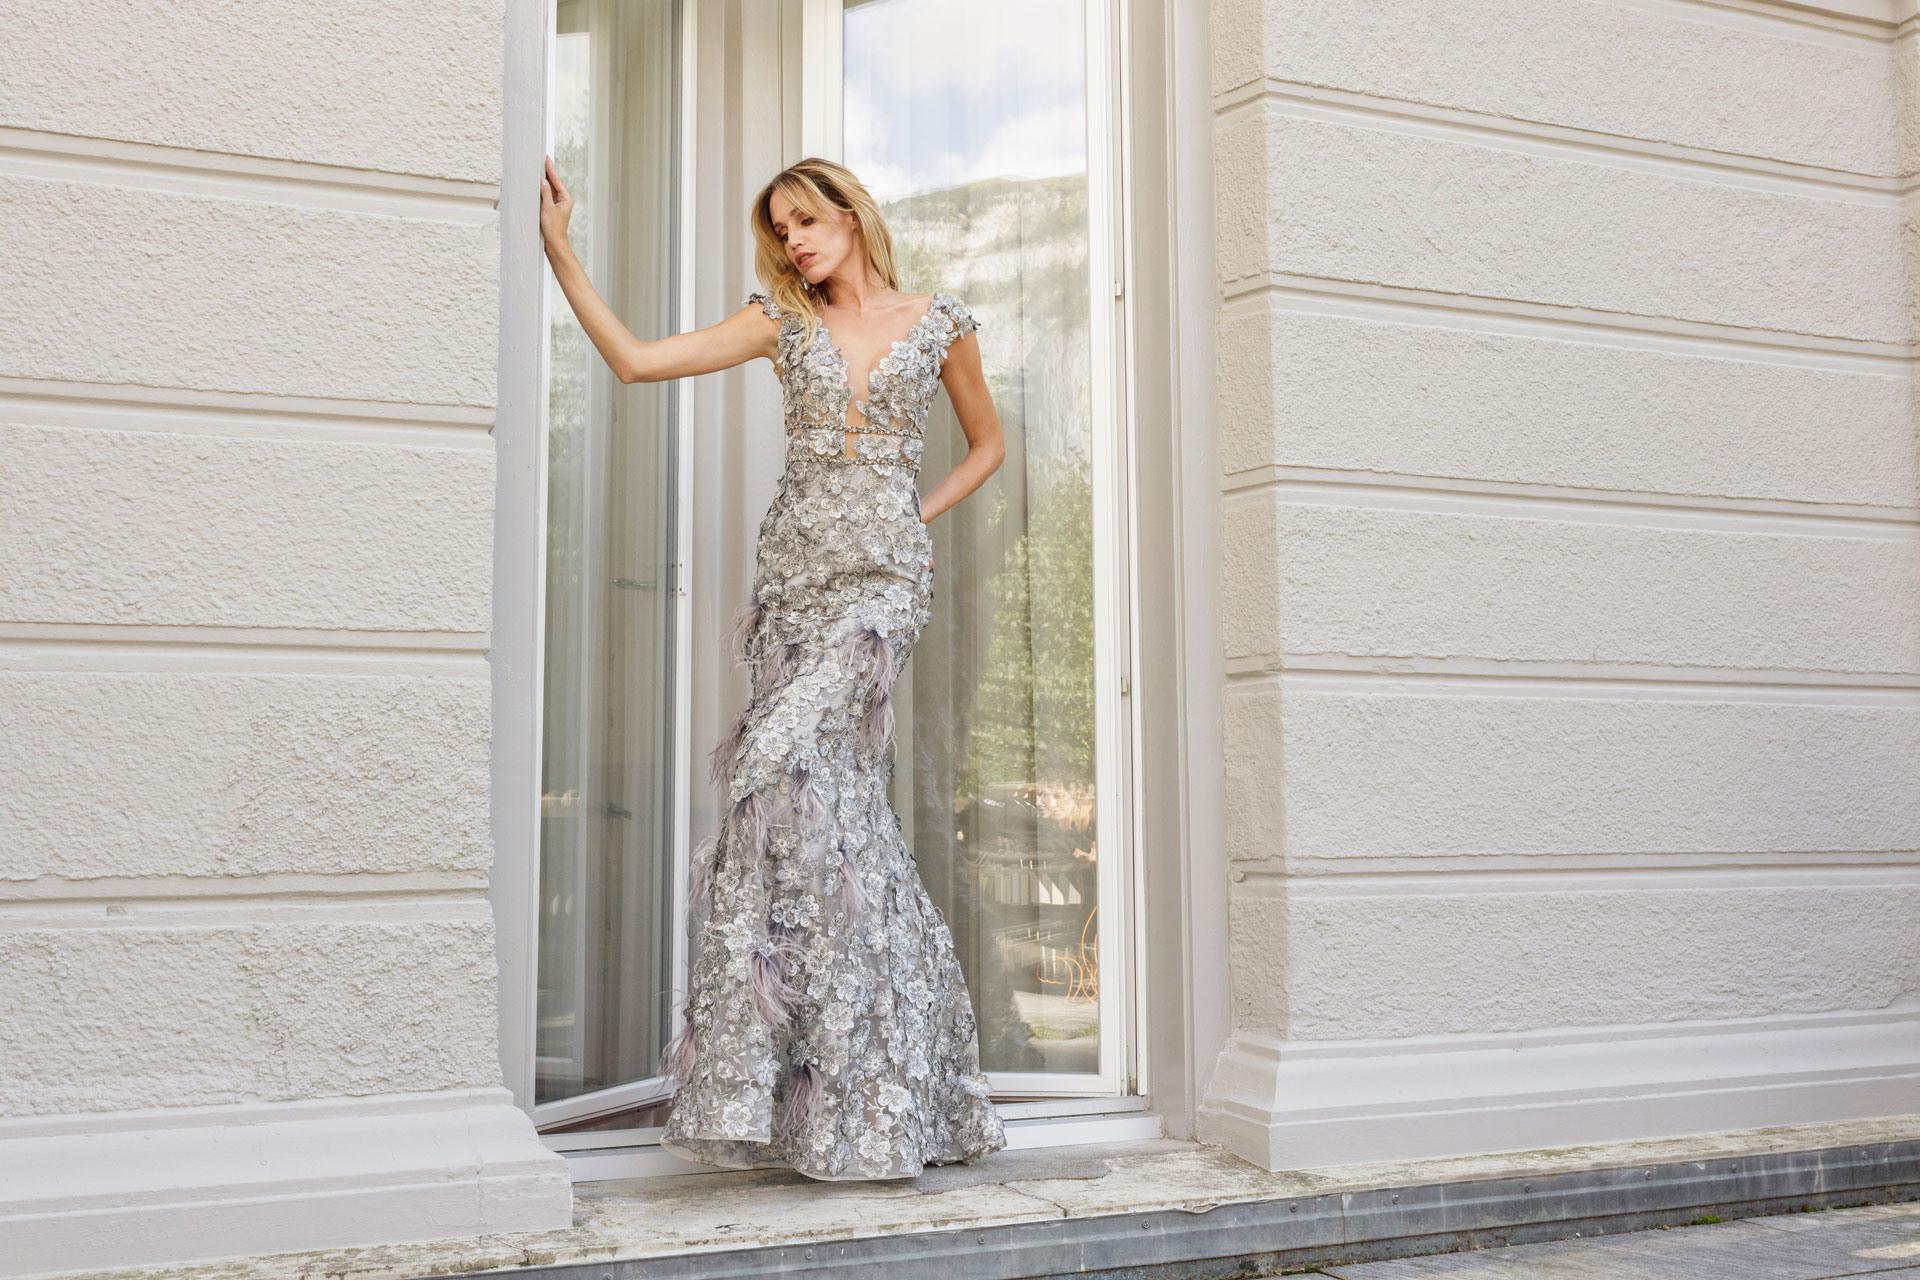 13 Cool Abendkleider Bern für 2019Designer Genial Abendkleider Bern Spezialgebiet